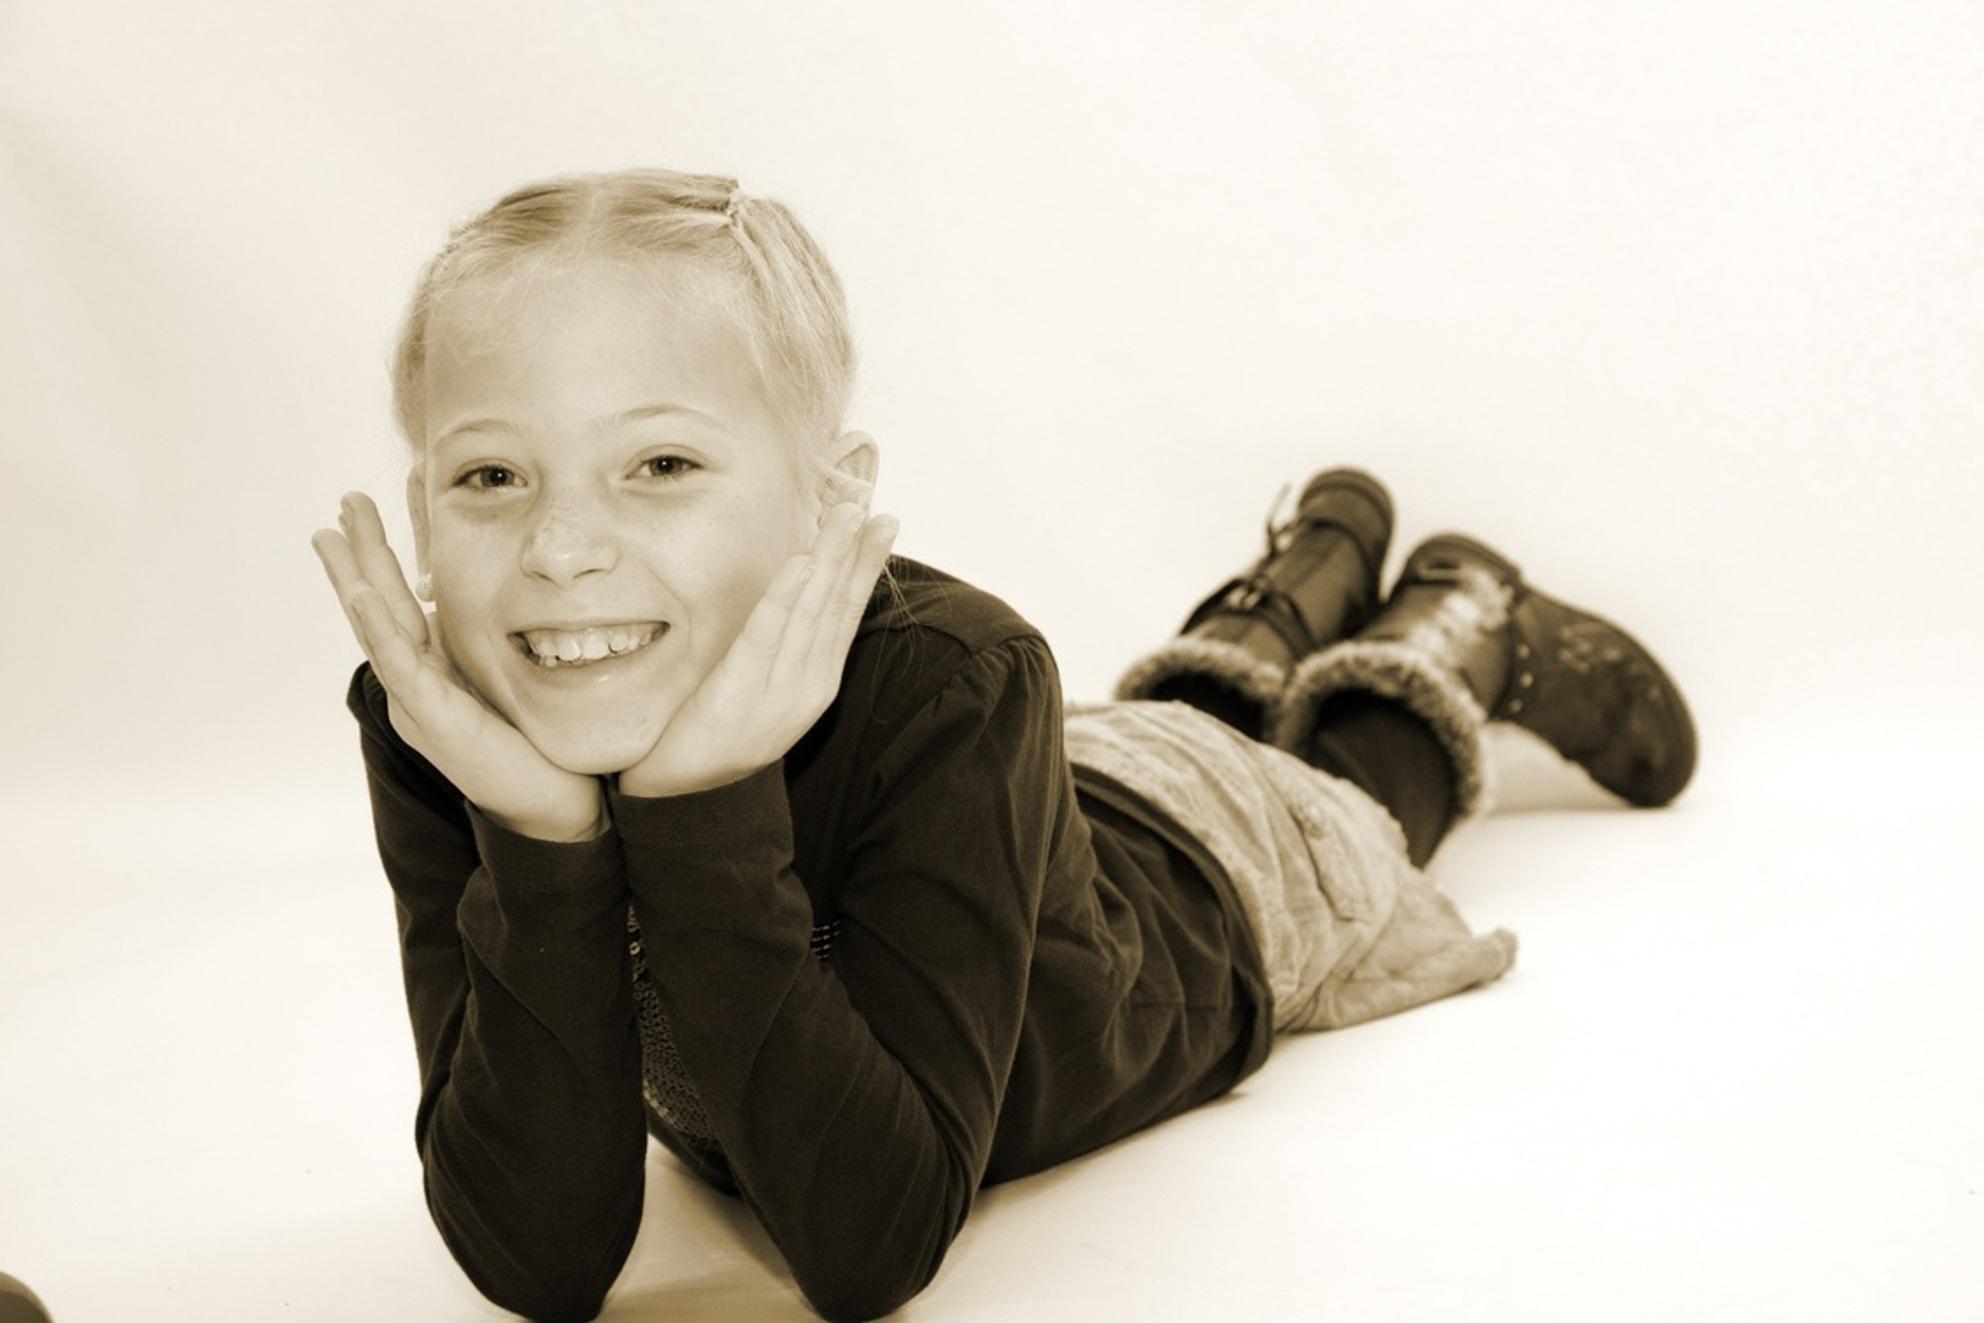 Lief schattig meisje - Bente heeft grote lol in het model staan voor de camera - foto door vinenes op 22-12-2011 - deze foto bevat: portret, kind